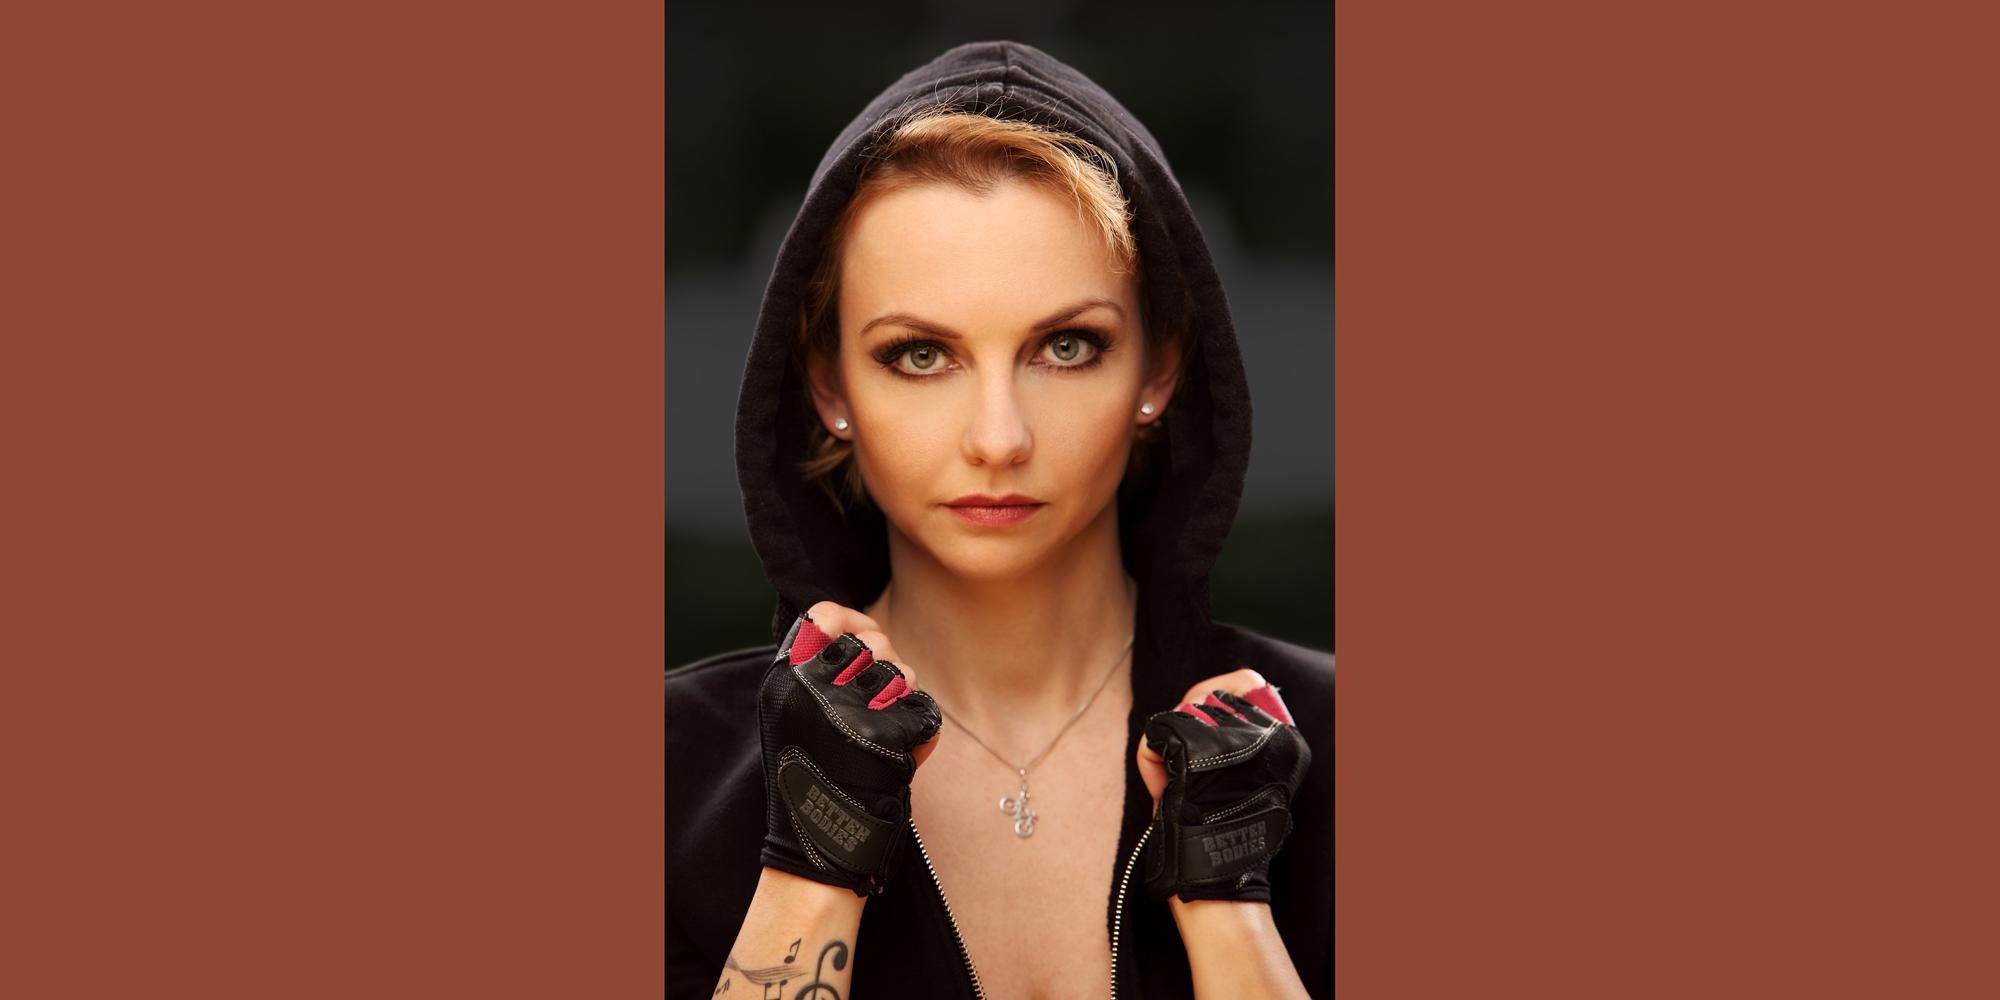 Frontportrait in Farbe von Gesicht und Dekolleté einer Frau, die eine sportliche Kapuze mit Handschuhen trägt und mit festem Blick in die Kamera schaut.